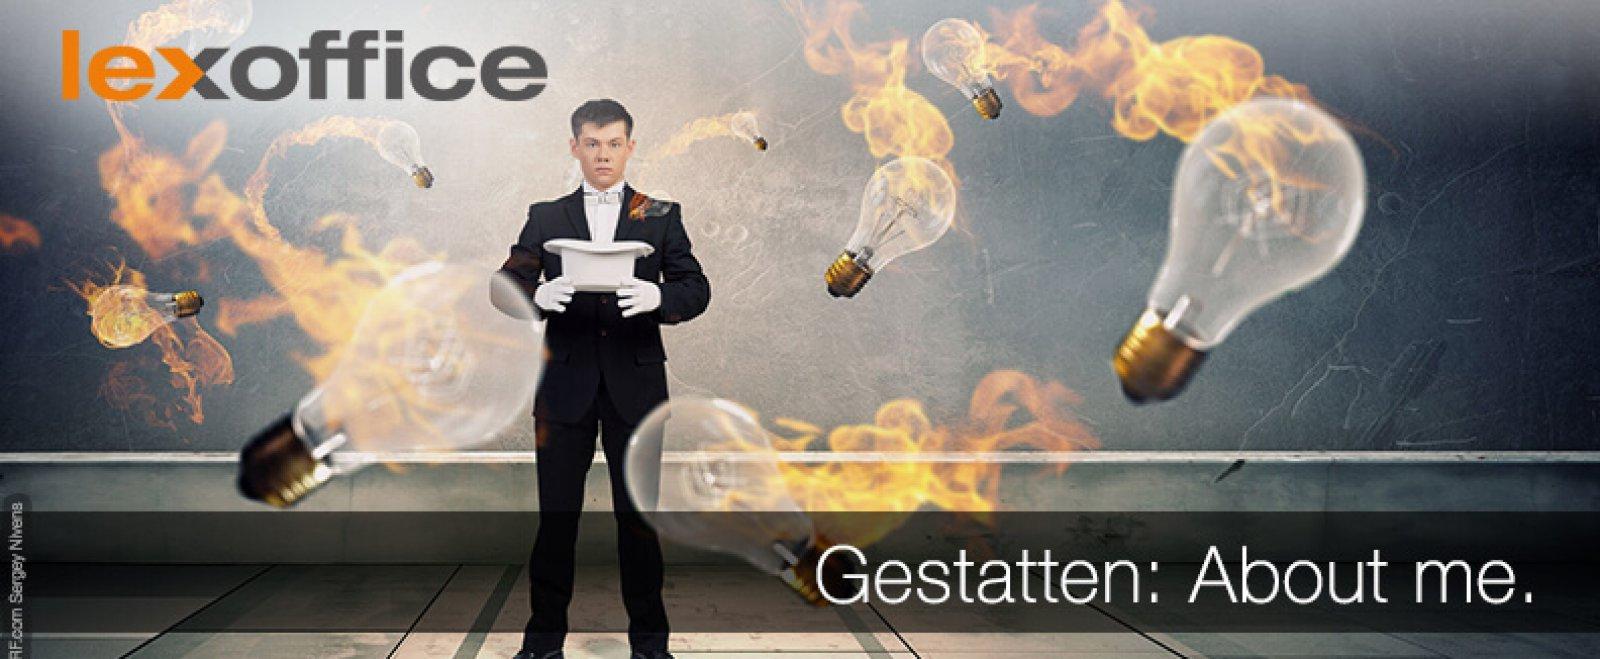 Gestatten: About me. Herausforderung für Selbstständige: Die Selbstdarstellung auf der eigenen Website